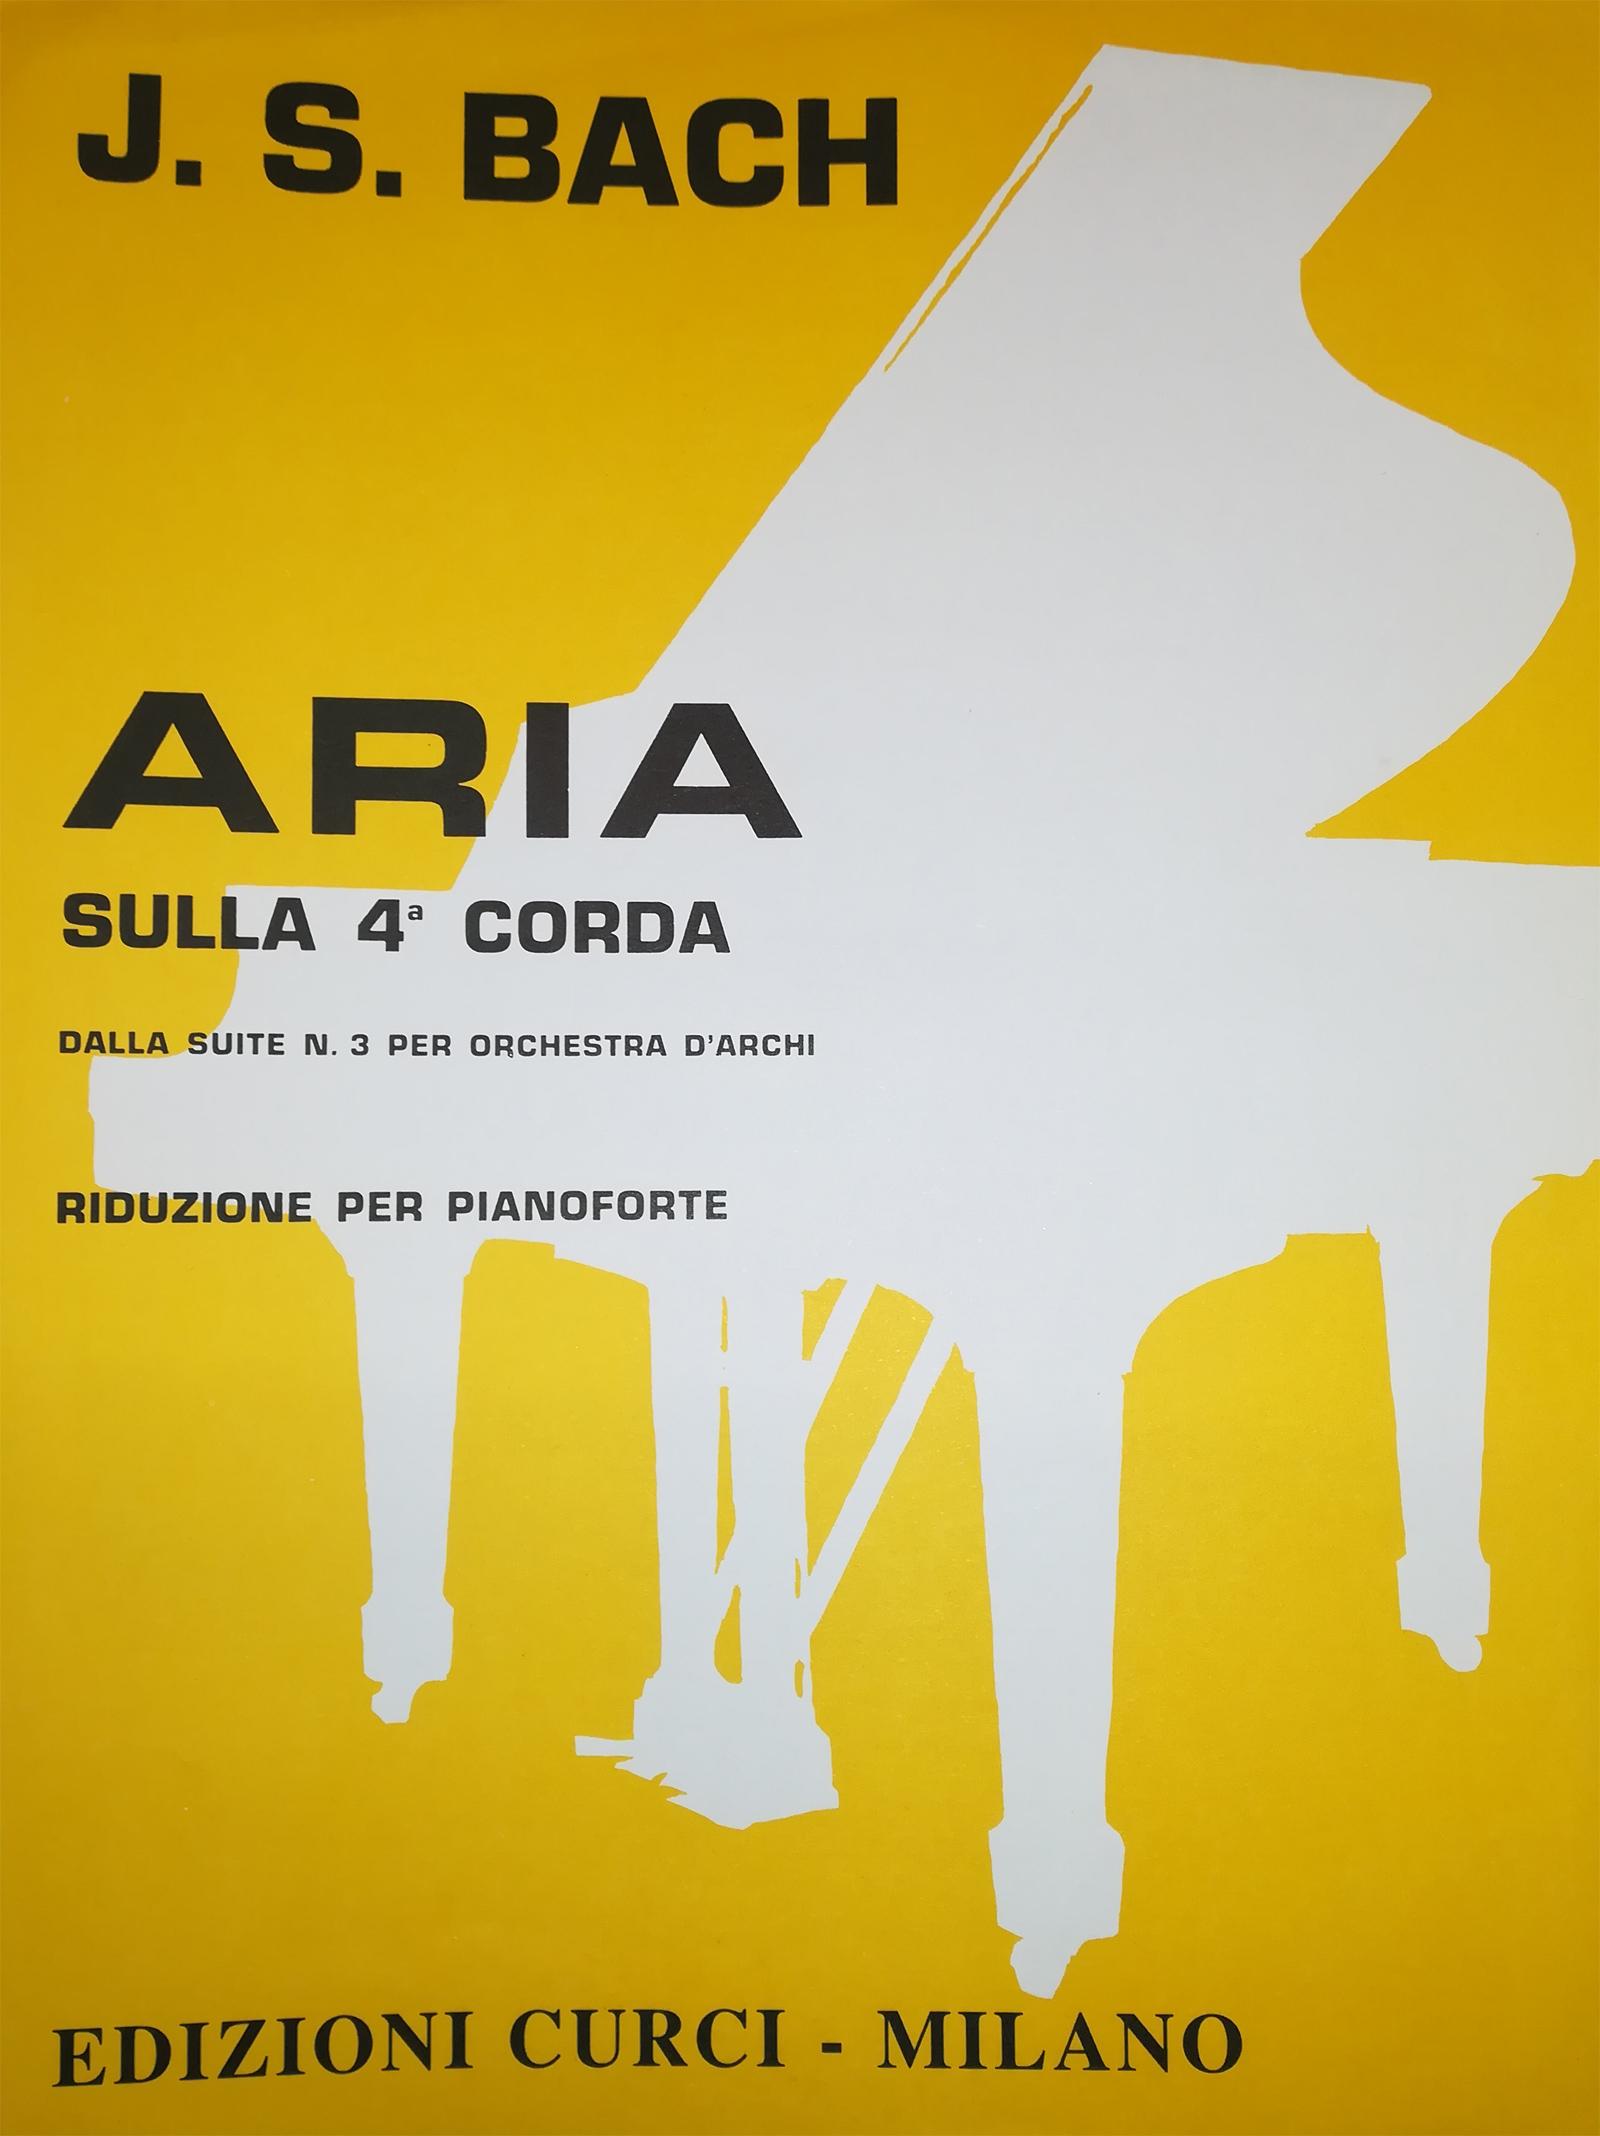 CURCI BACH Aria sulla 4a corda riduzione per pianoforte - DALLA SUITE N3 PER ORCHESTRA D'ARCHI